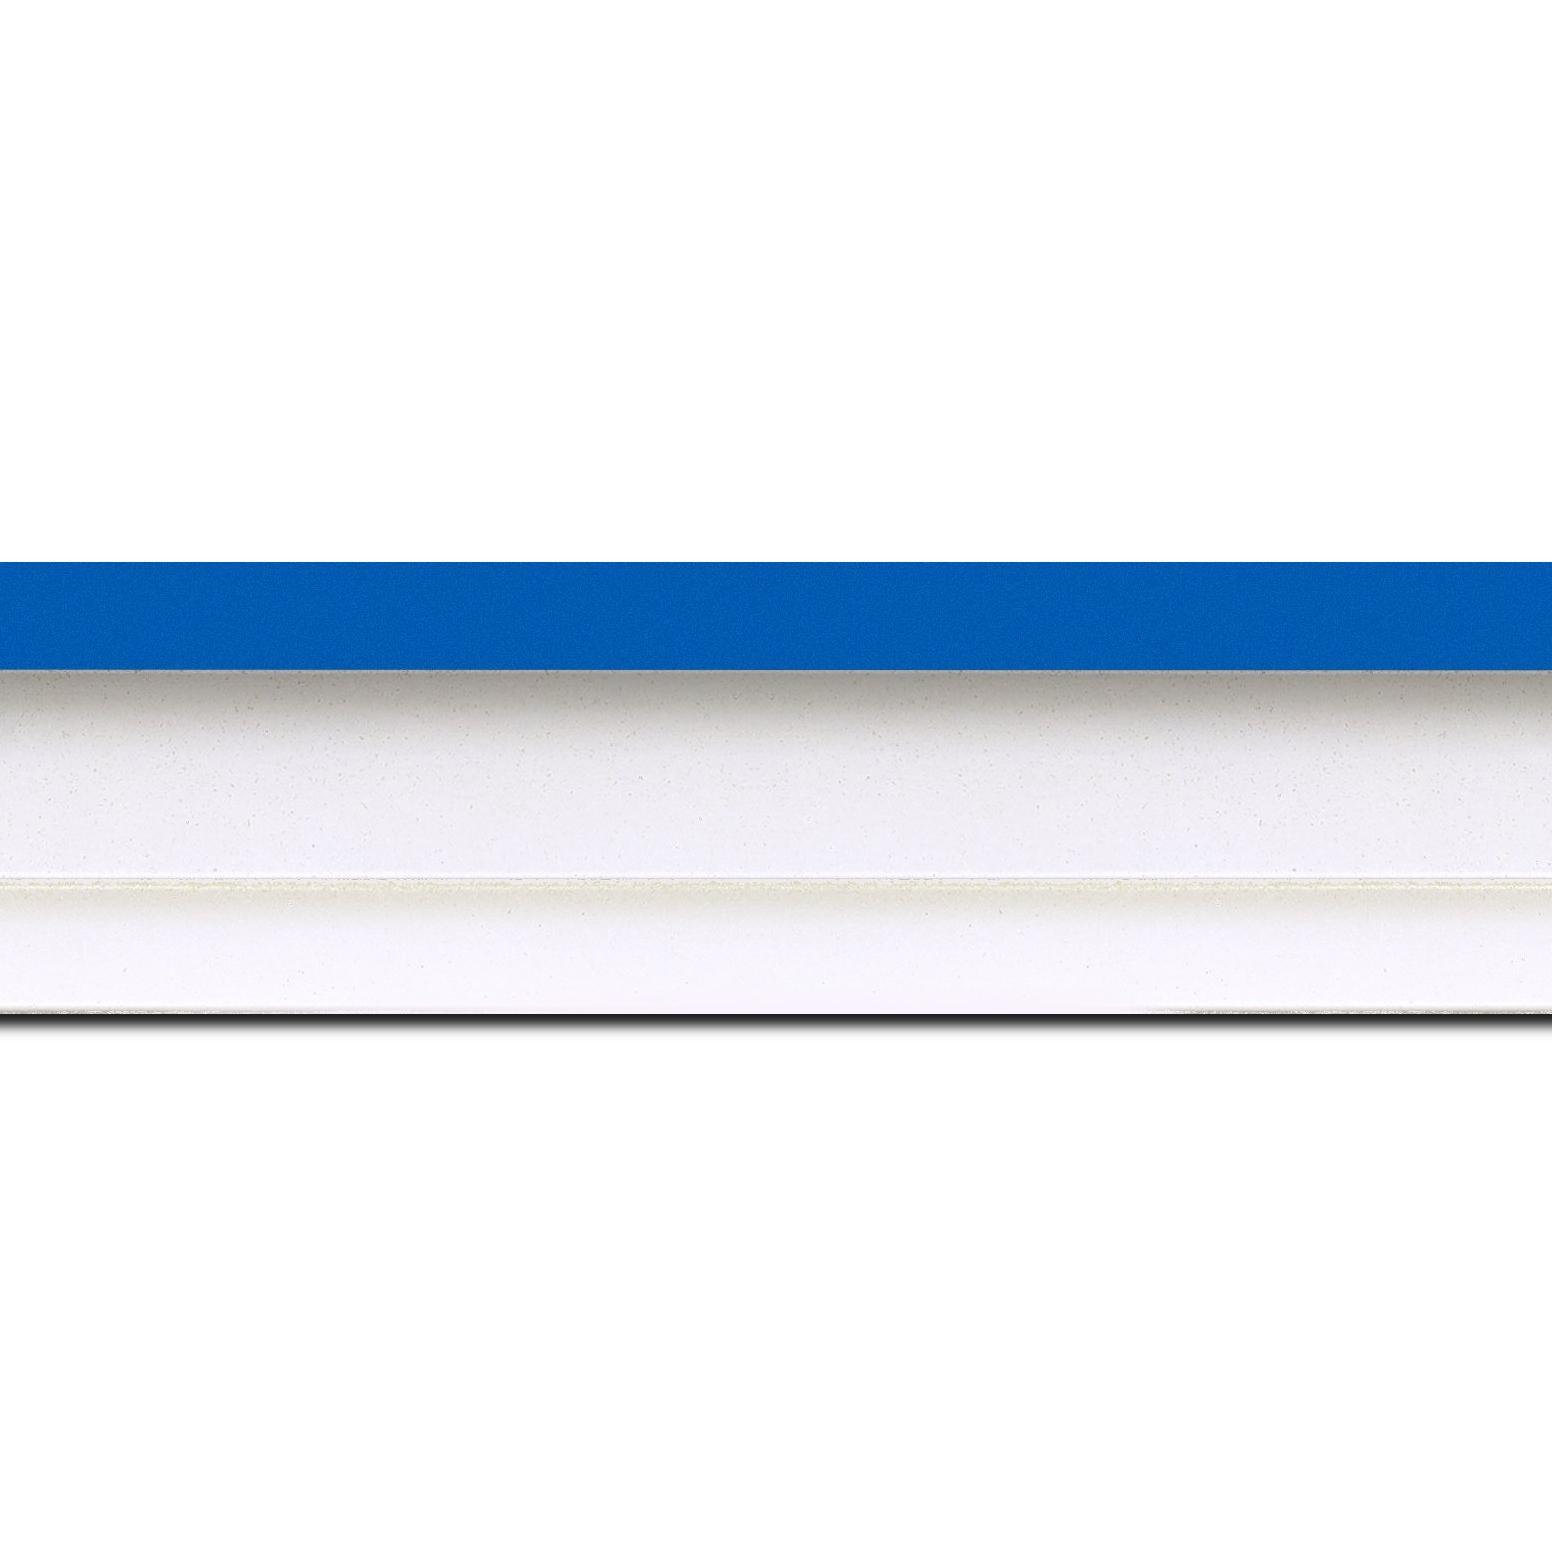 Pack par 12m, bois caisse américaine profil escalier largeur 4.4cm blanc mat filet bleu (spécialement conçu pour les châssis d'une épaisseur jusqu'à 2.5cm )(longueur baguette pouvant varier entre 2.40m et 3m selon arrivage des bois)